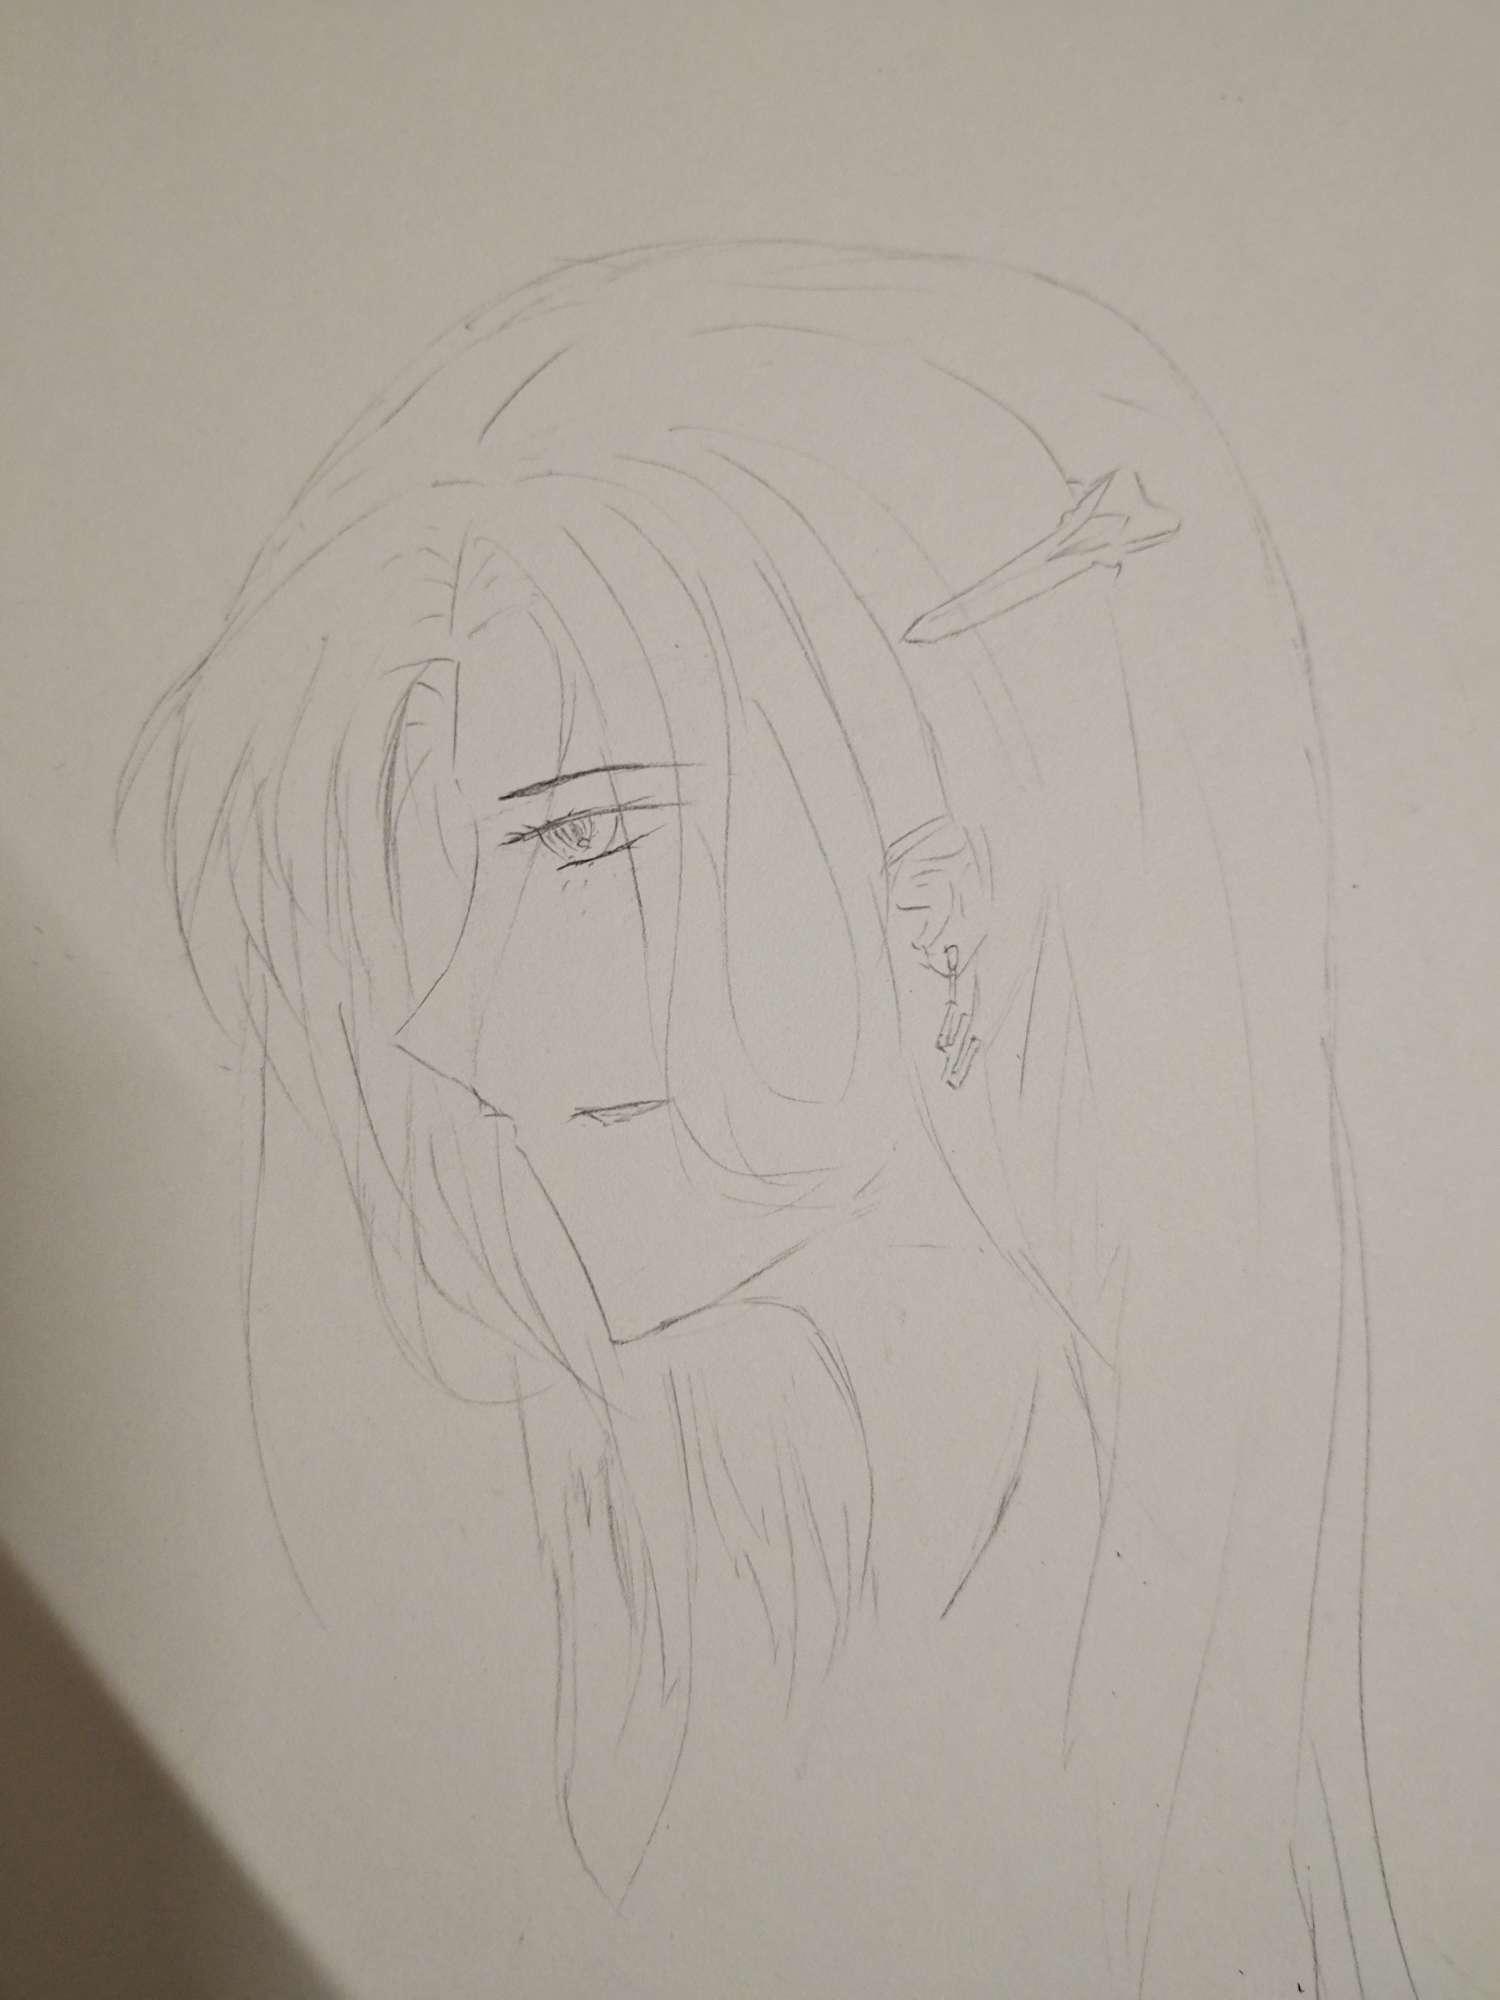 【手绘】手绘图稿😁,邪恶肉漫